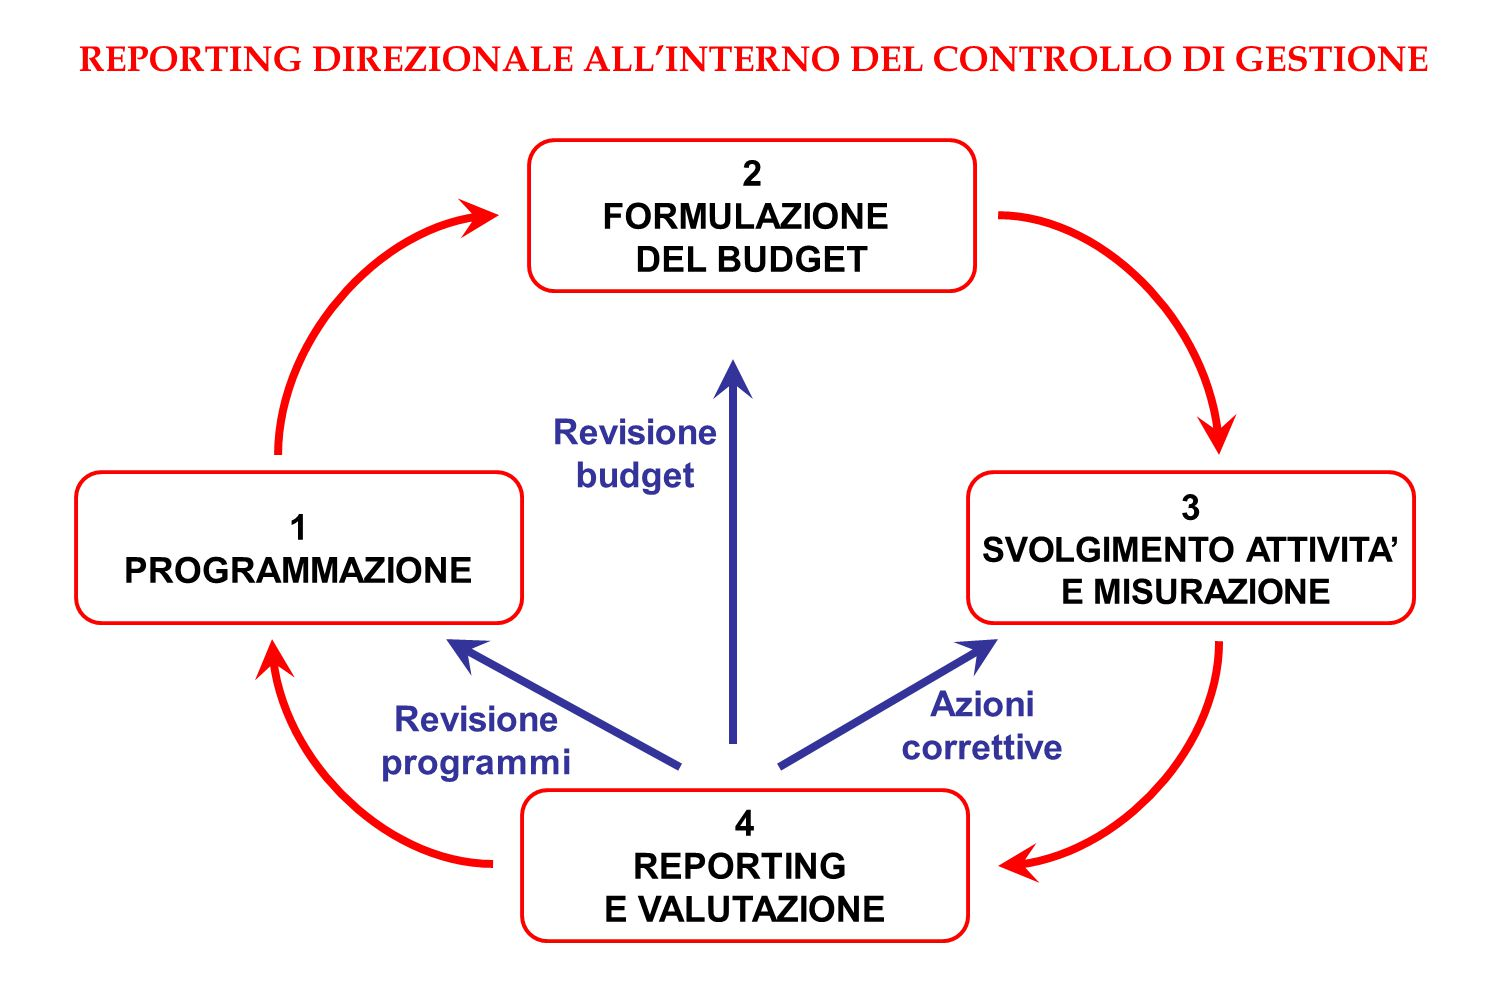 REPORTING DIREZIONALE ALL'INTERNO DEL CONTROLLO DI GESTIONE